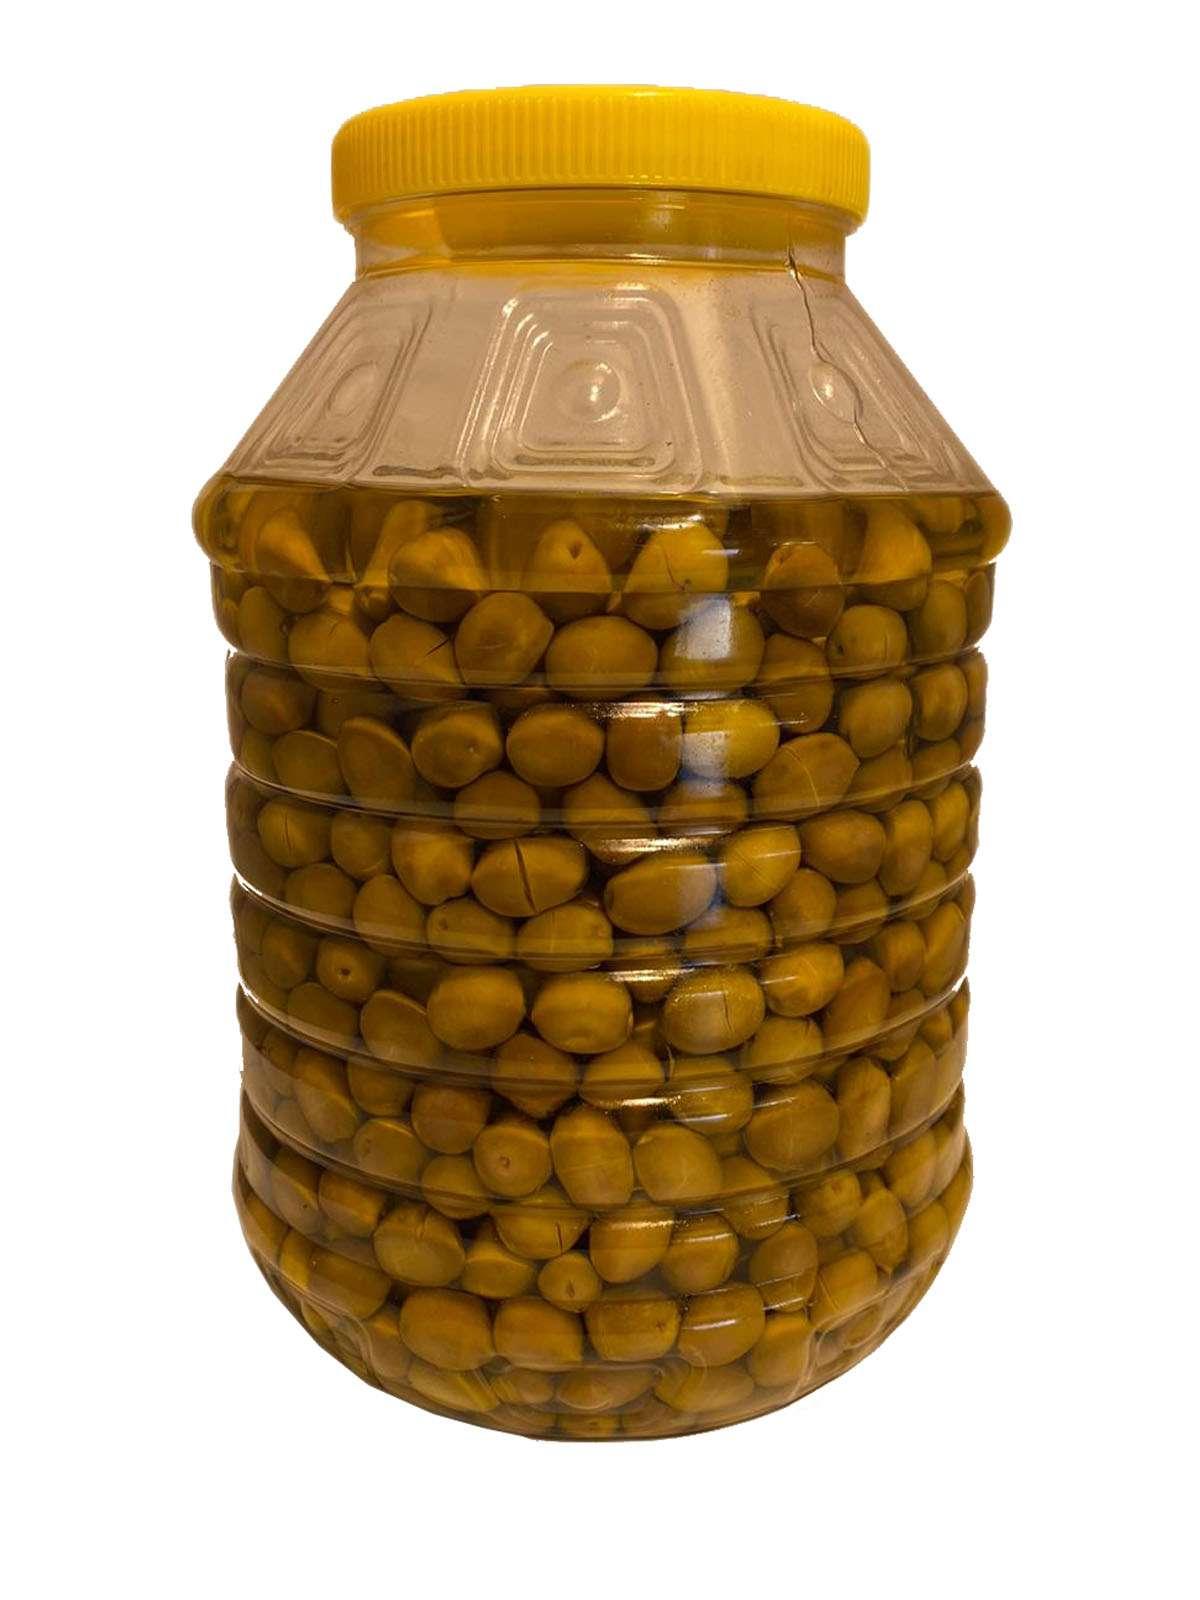 kirma-zeytin-5-kg